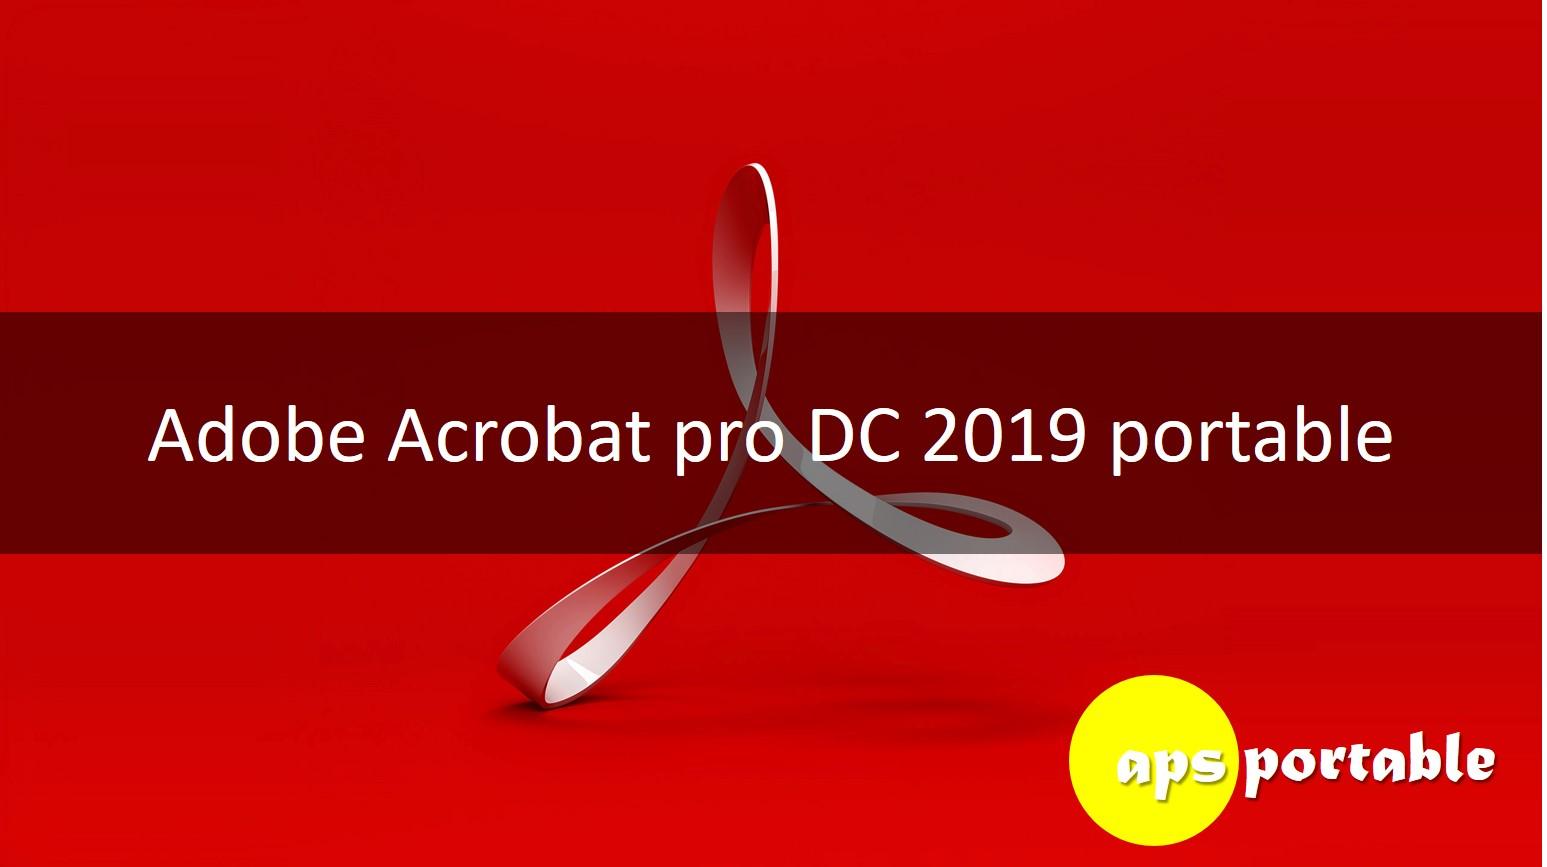 Adobe Acrobat pro DC 2019 portable